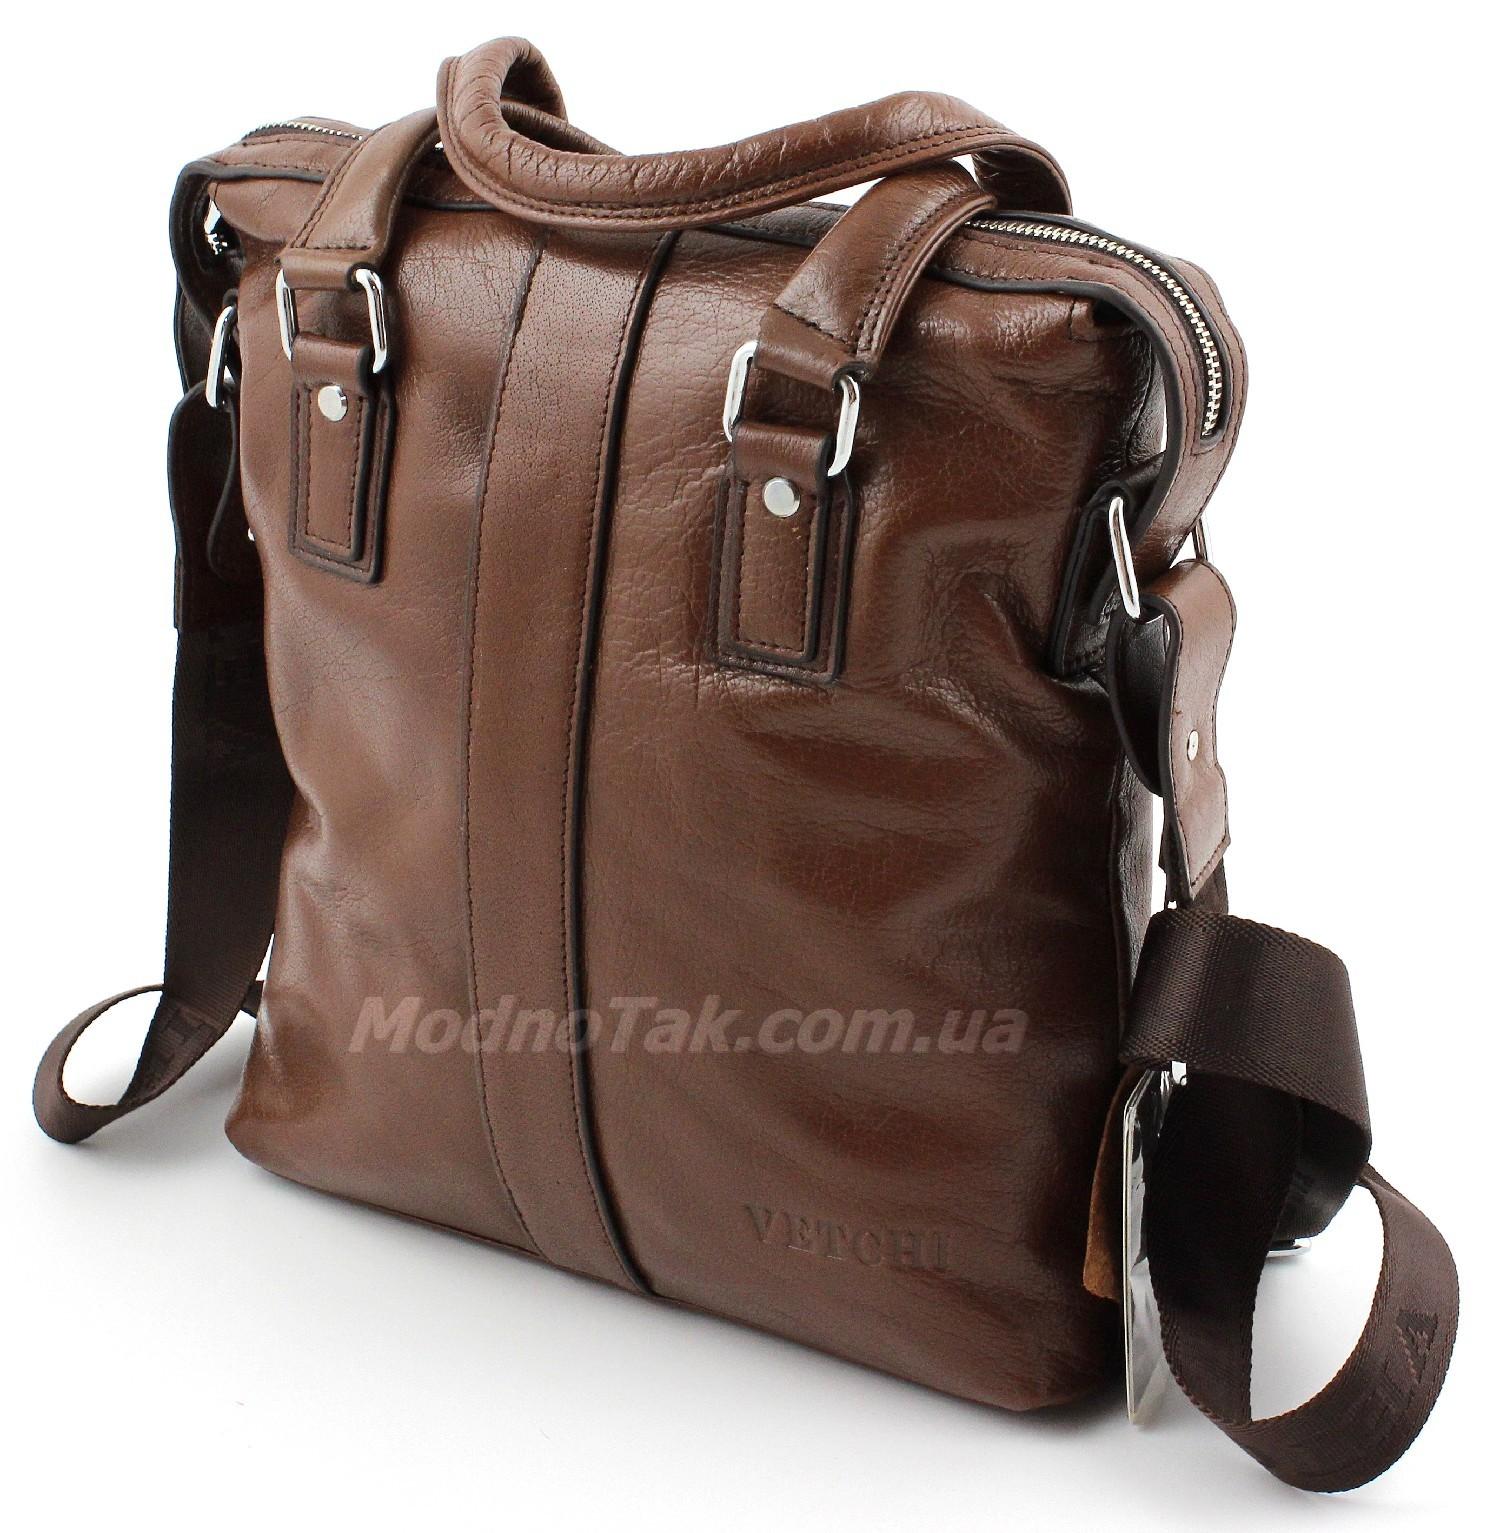 Кожаная мужская сумка с кожаным ремнем джинсовый ремень коричневый, мужской ремень wrangler